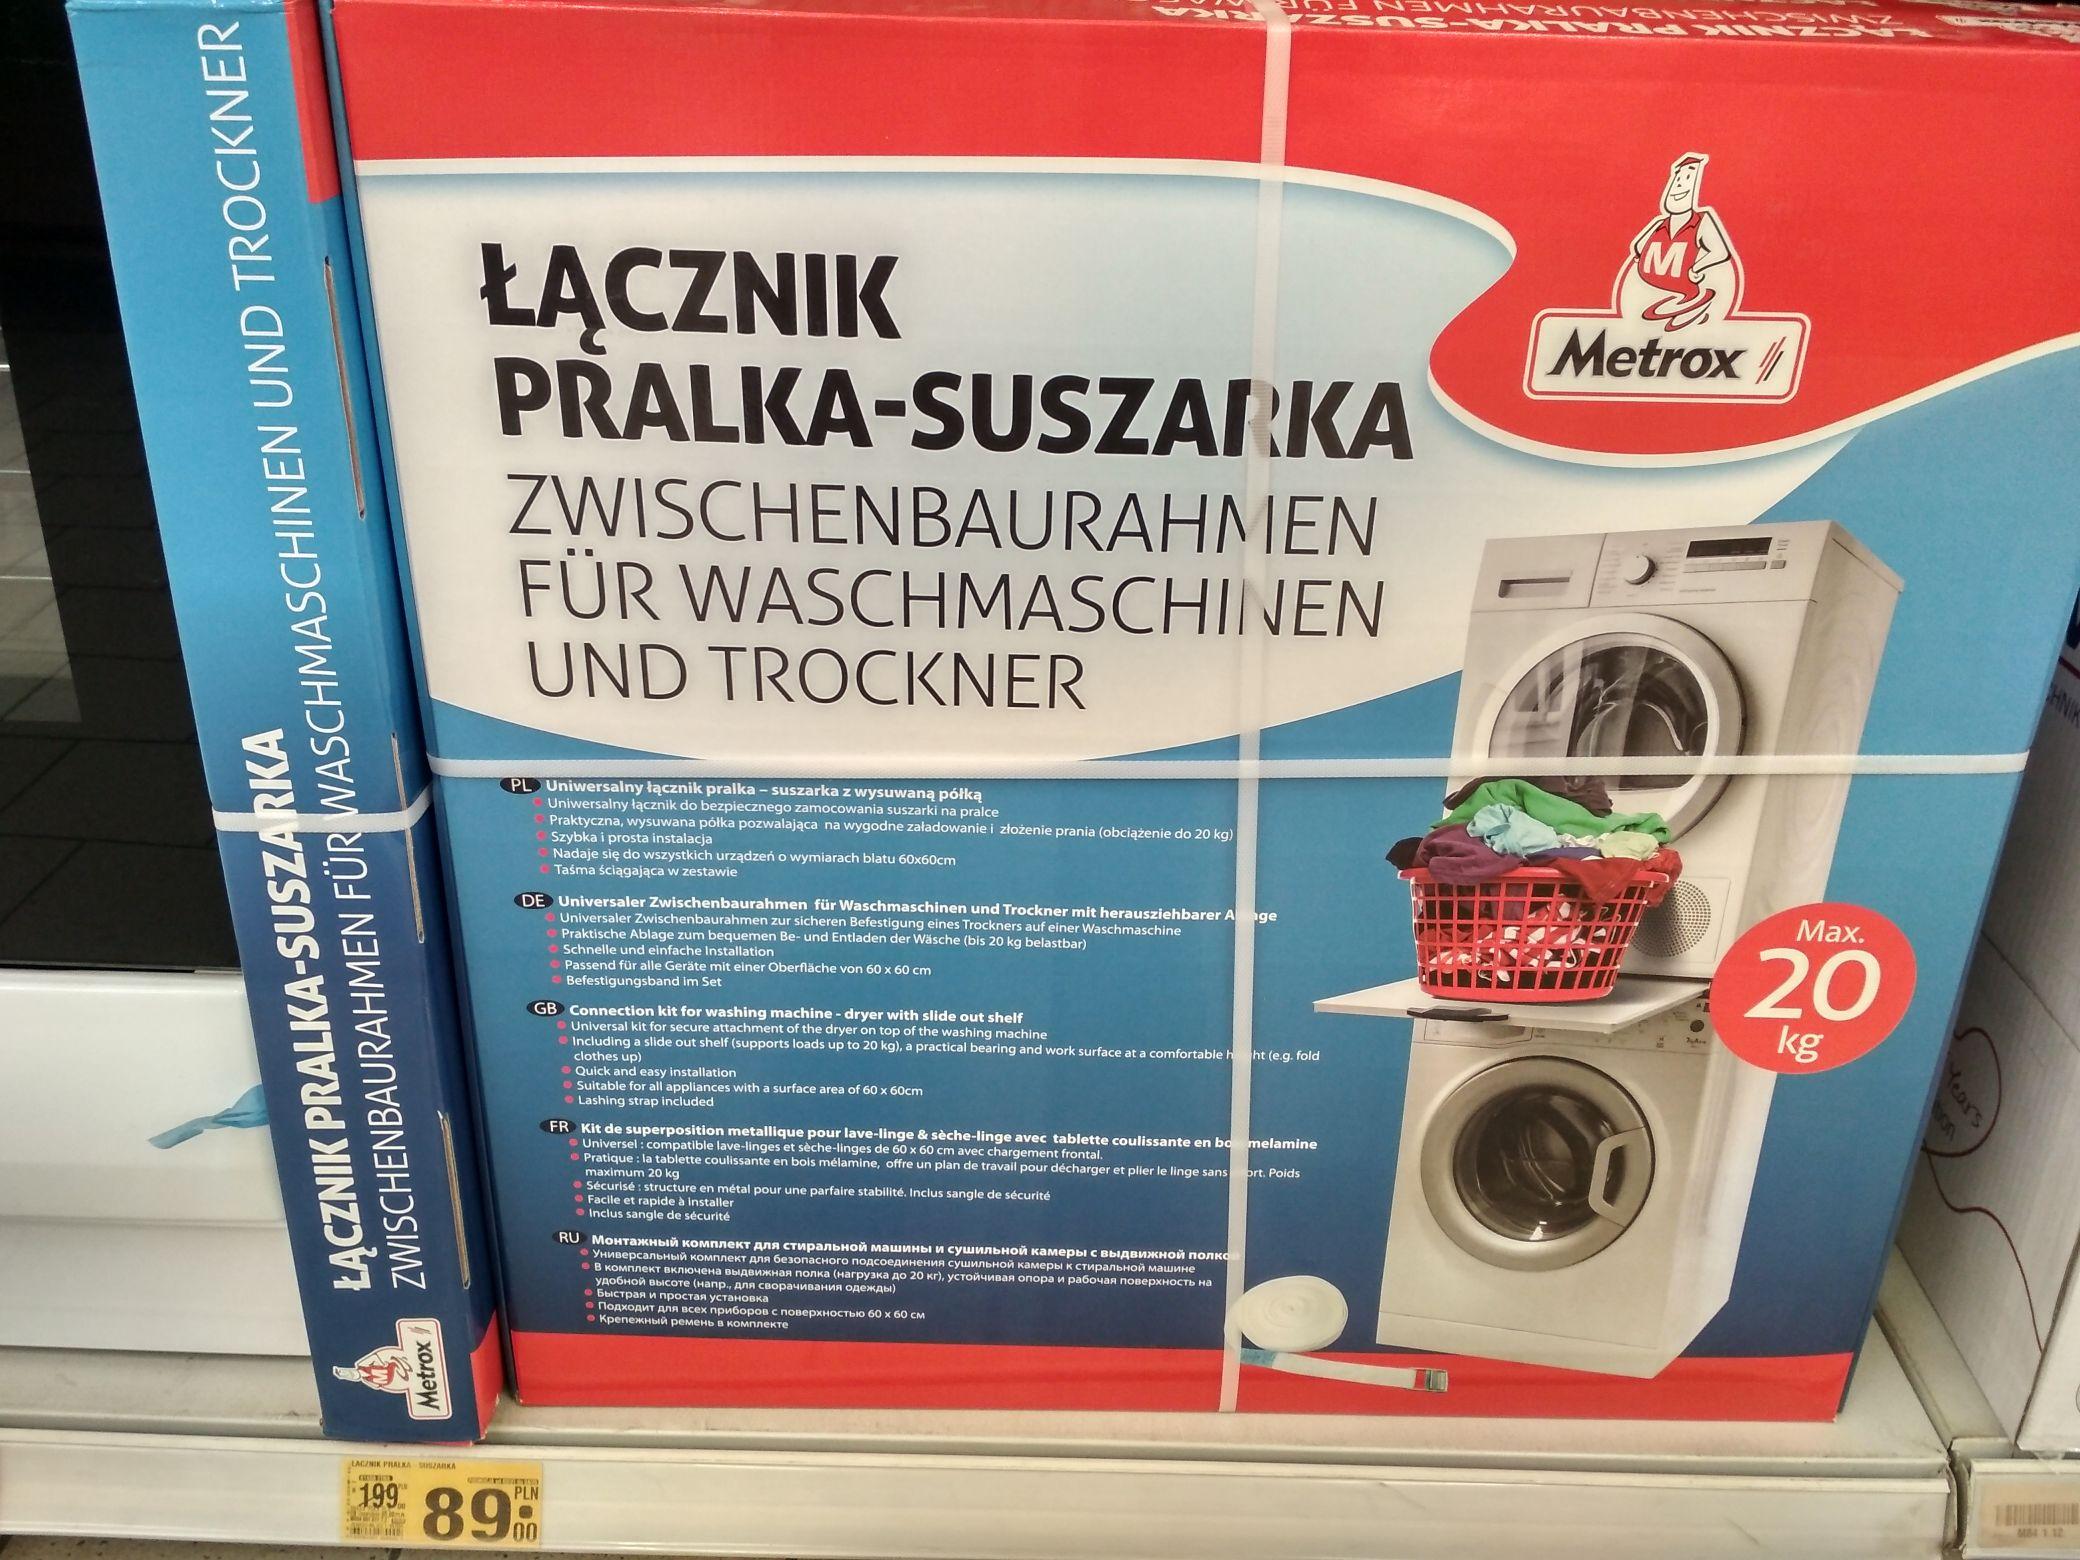 Łącznik pralka - suszarka Auchan M1 Zabrze